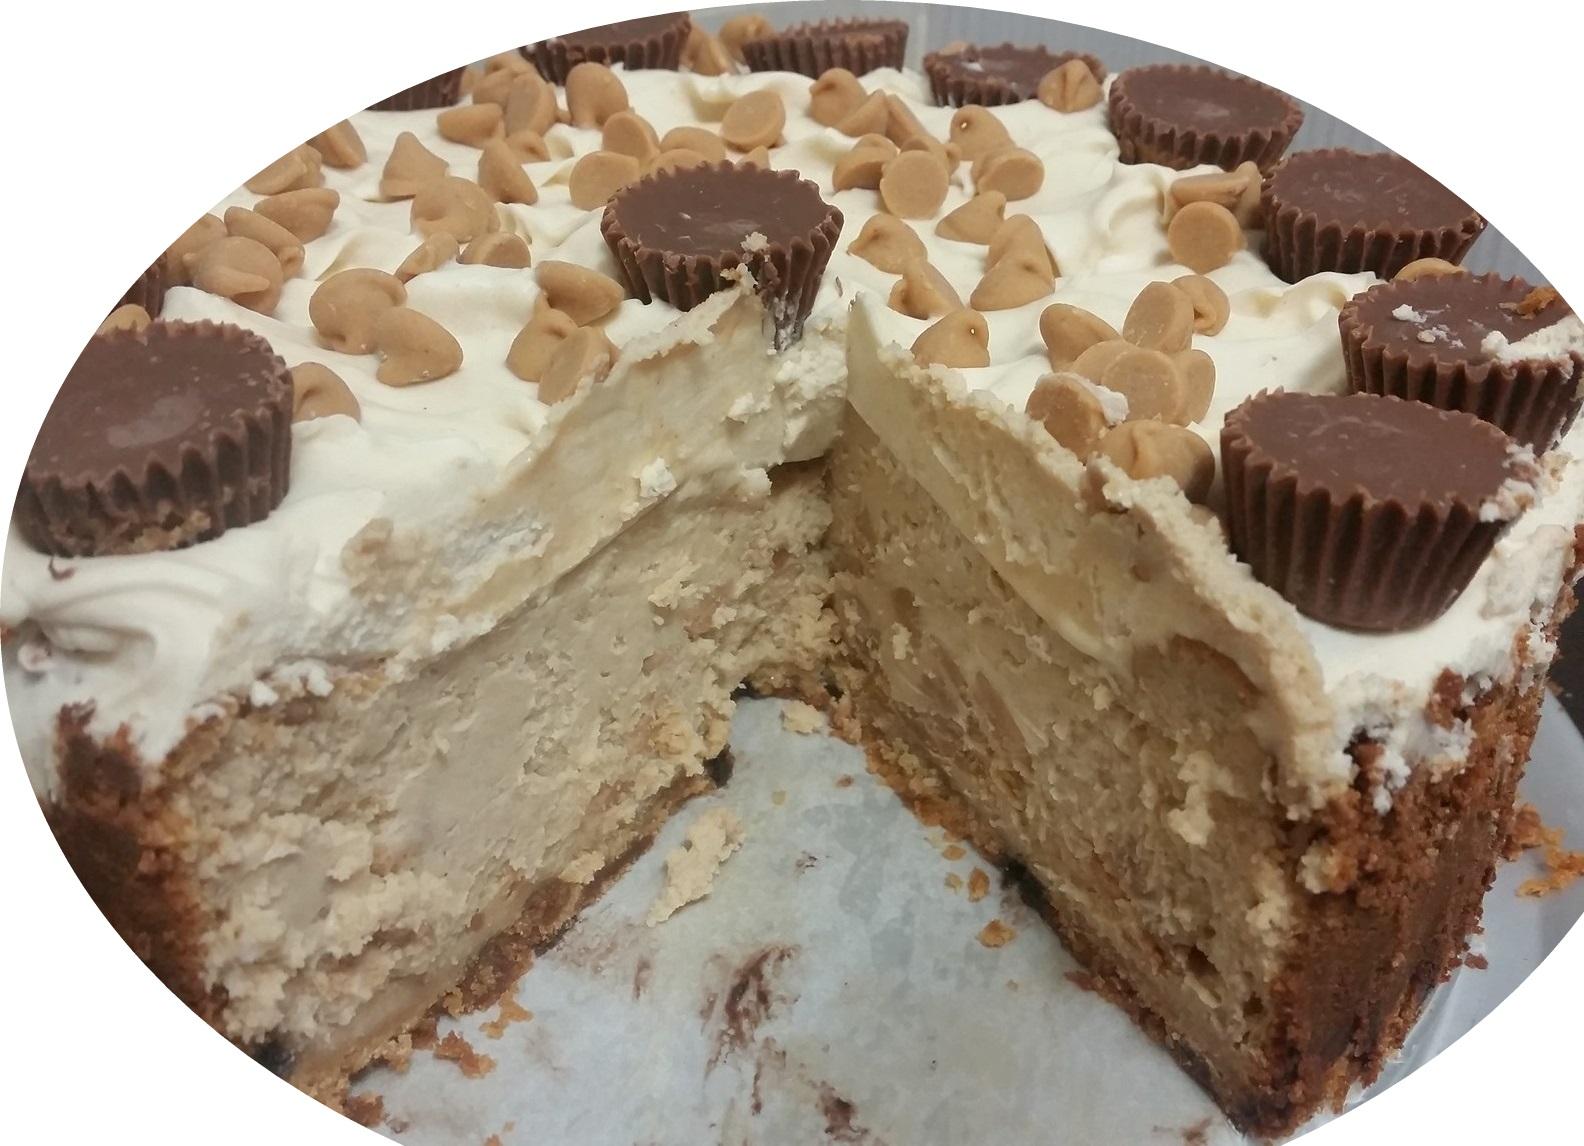 עוגת חמאת בוטניםוגבינה בזיגוג שוקולד לבן